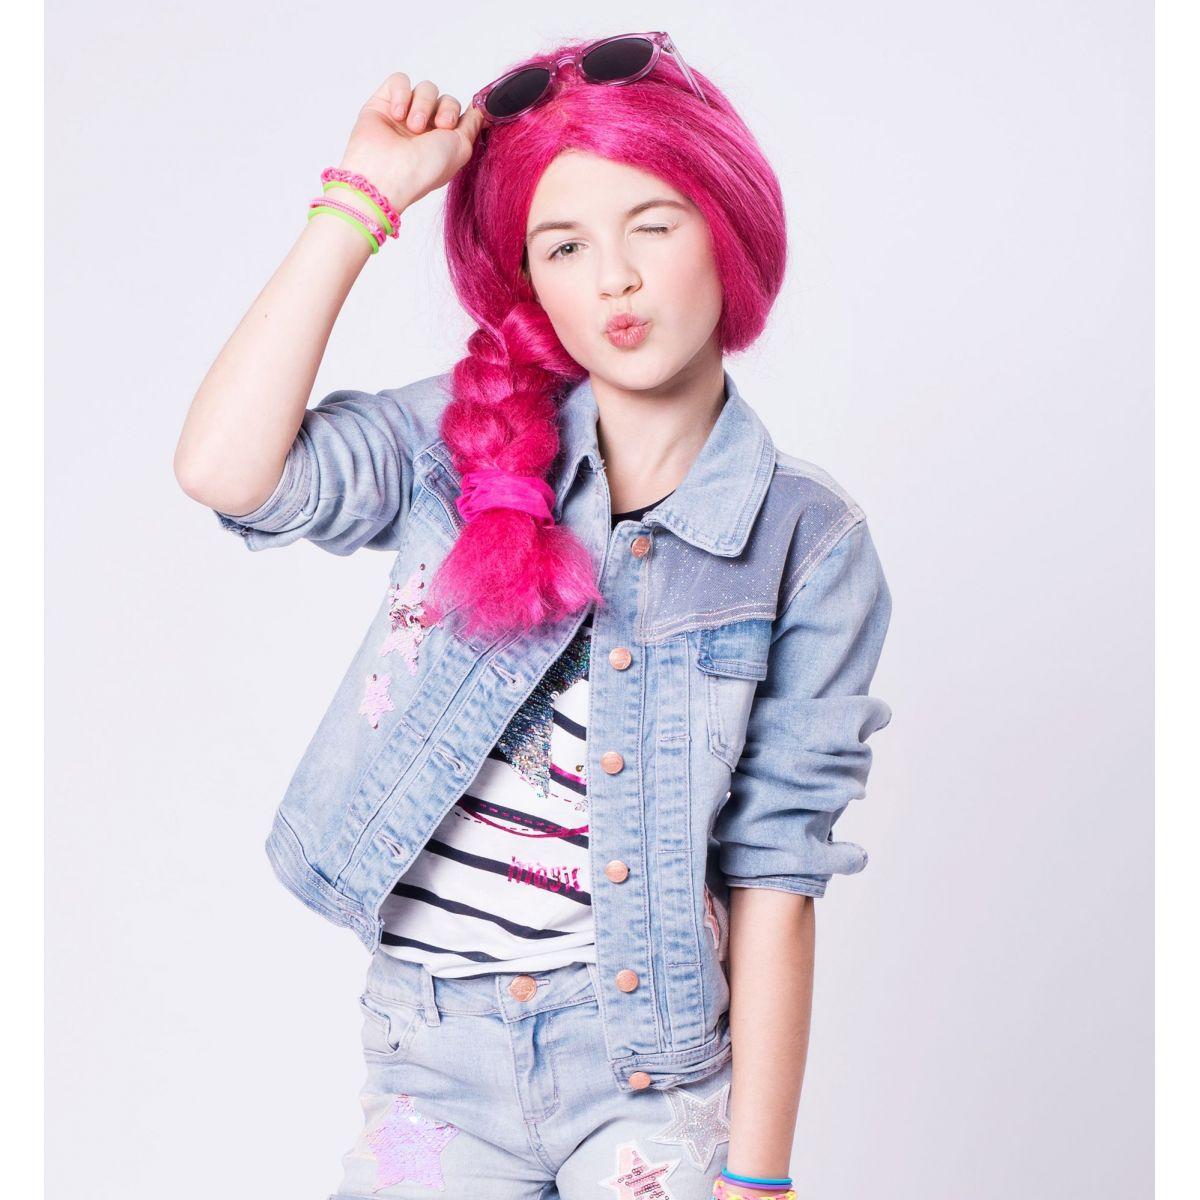 Paruka Lollipopz růžová – Laura